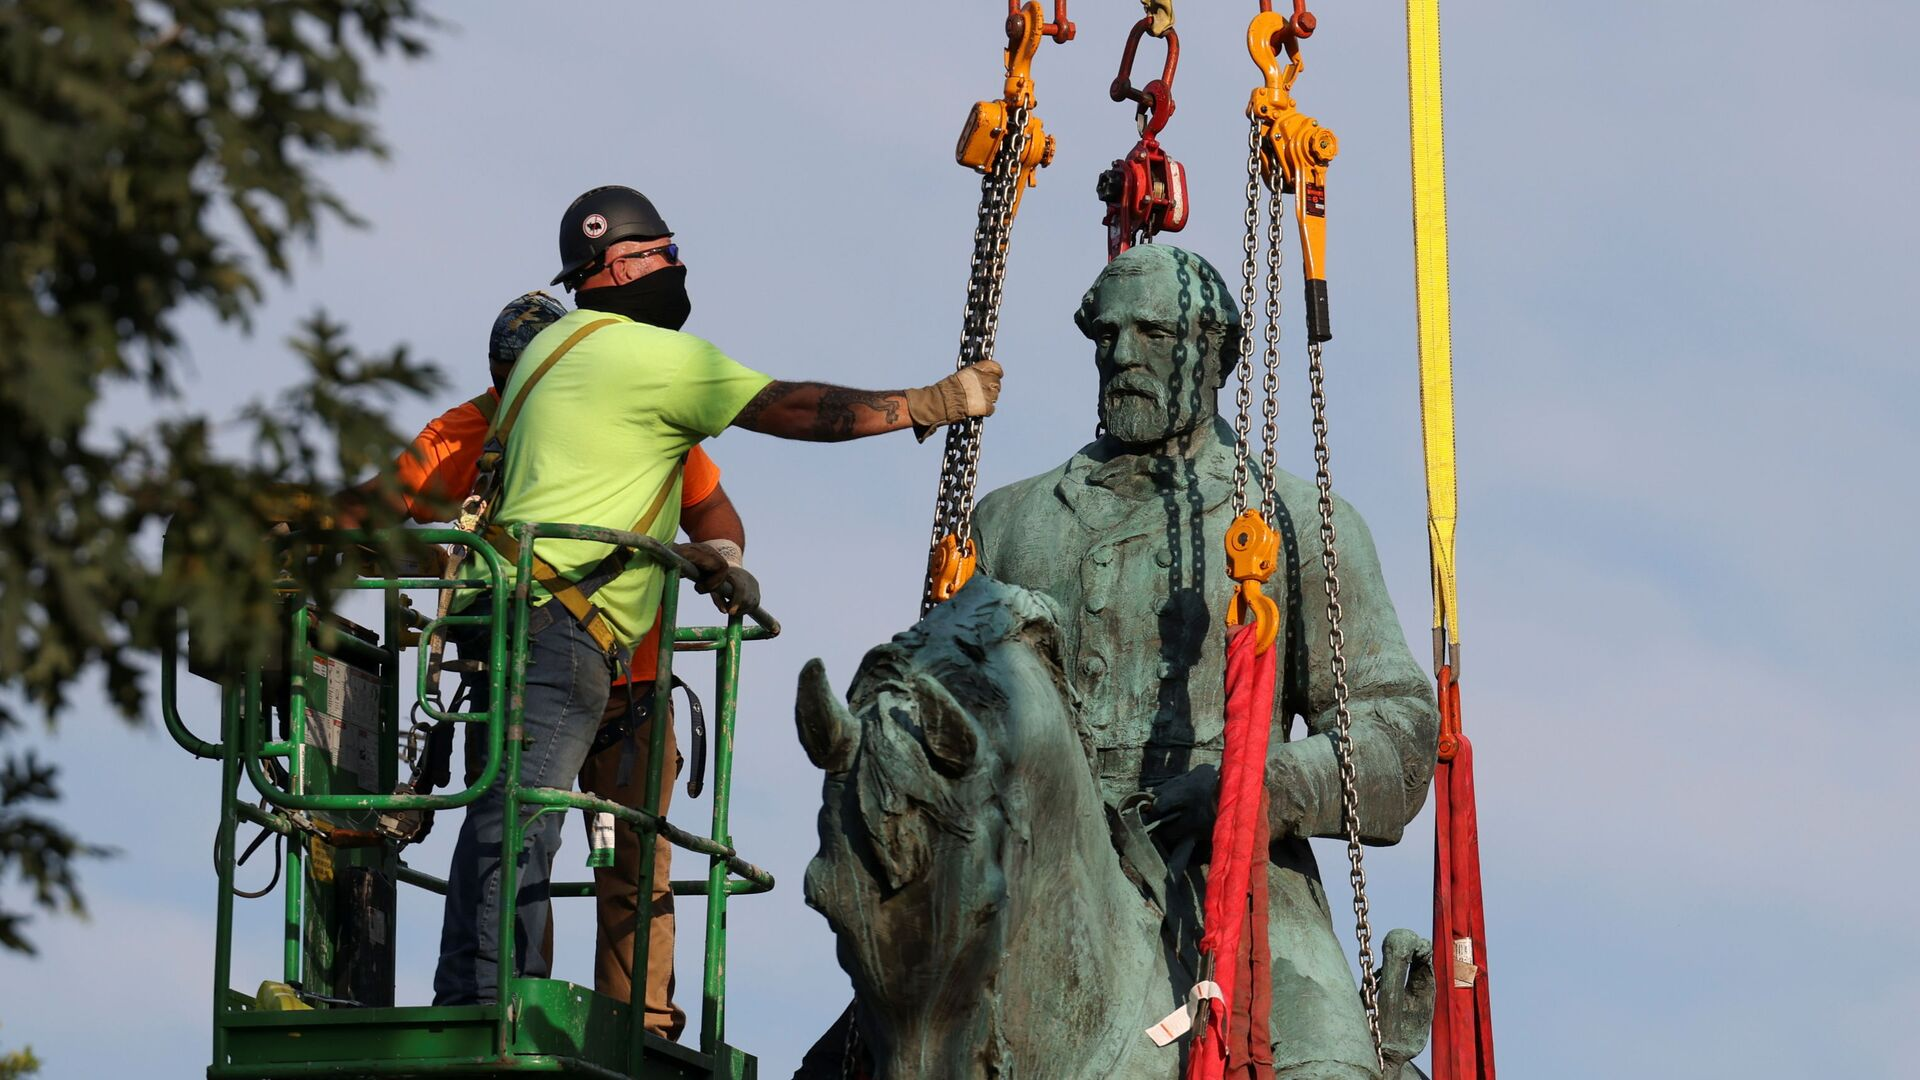 La controversa statua del generale Lee a Charlottesville demontata  - Sputnik Italia, 1920, 10.07.2021